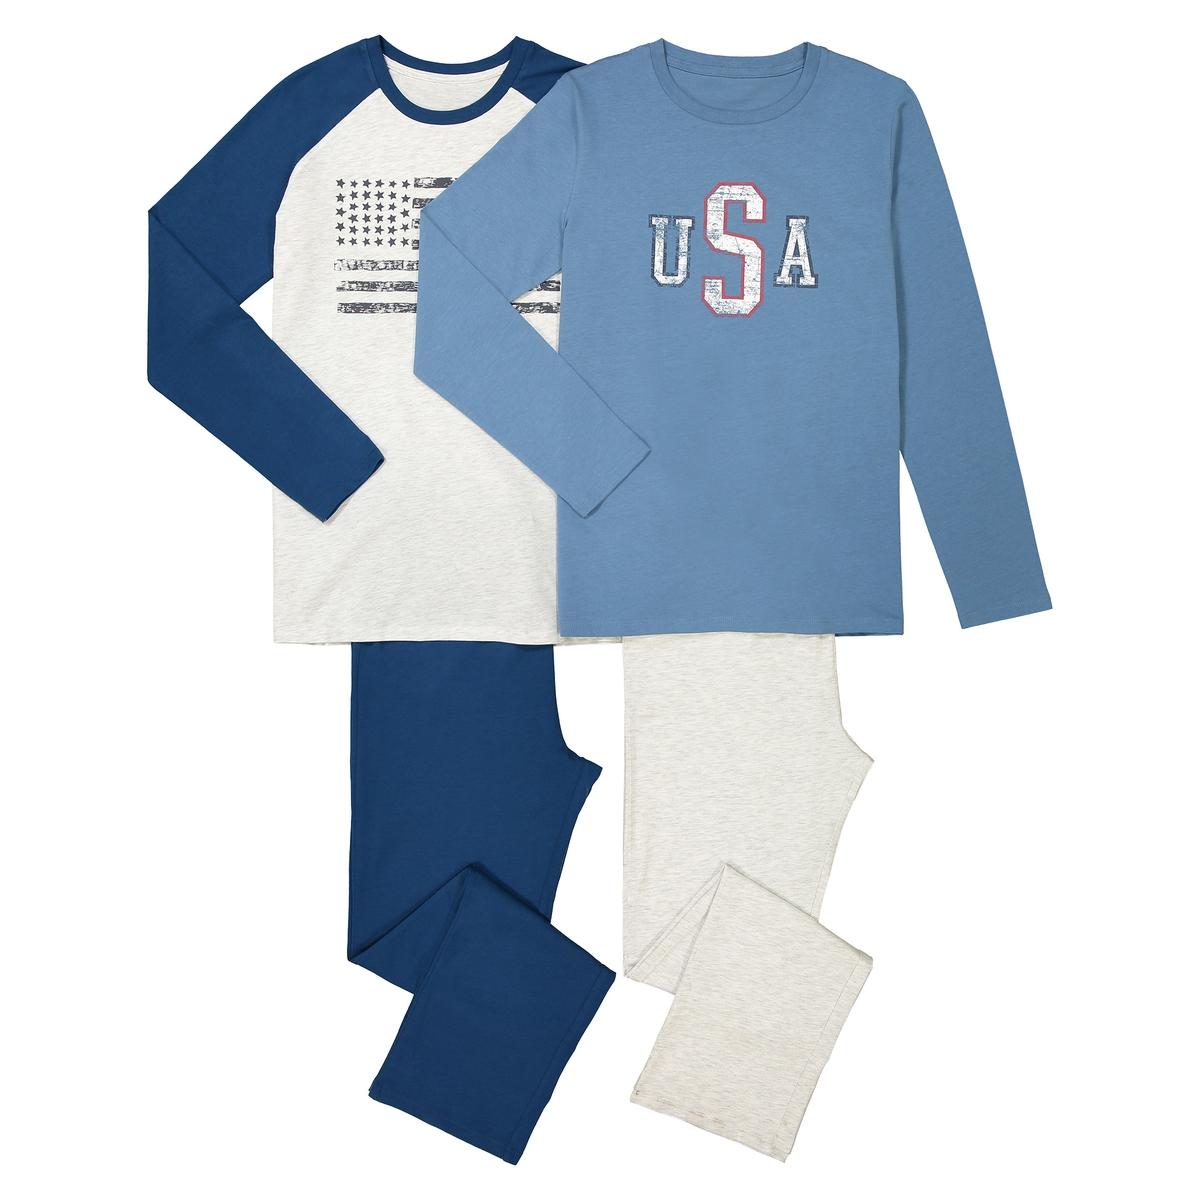 Пижама из хлопка 10-16 лет (комплект из 2 изделий)